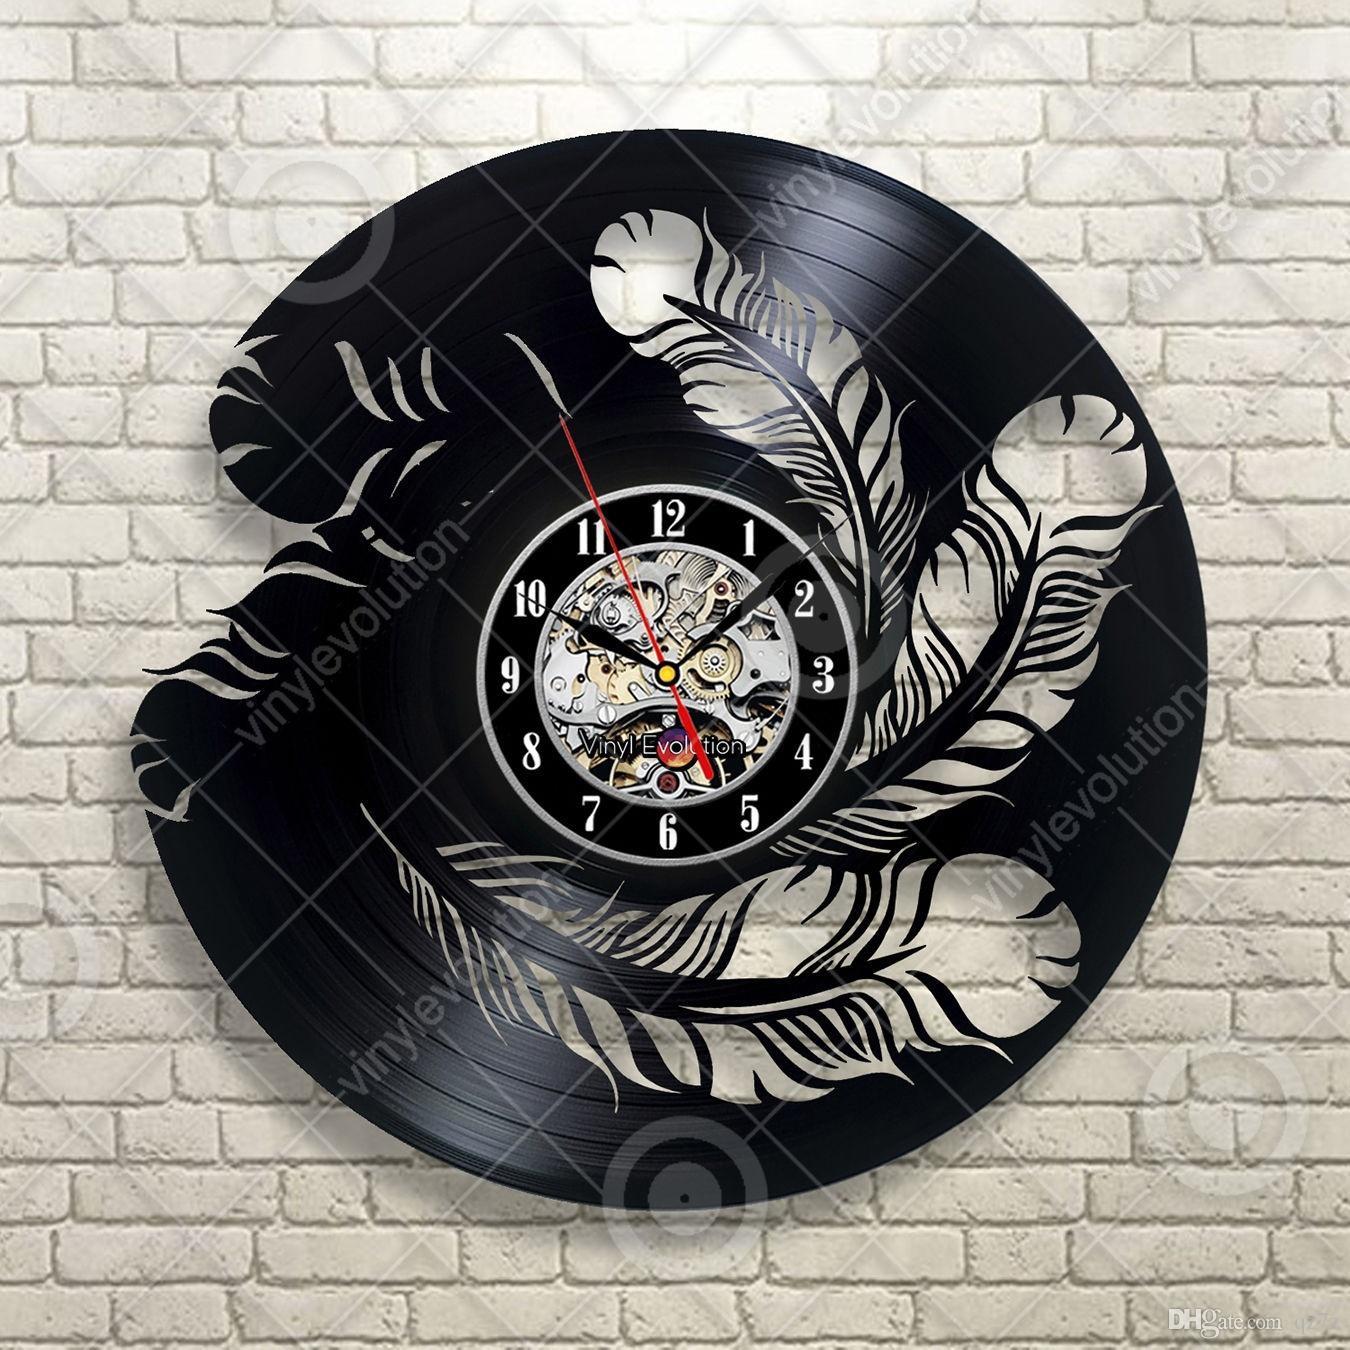 Fullsize Of Beautiful Wall Clocks